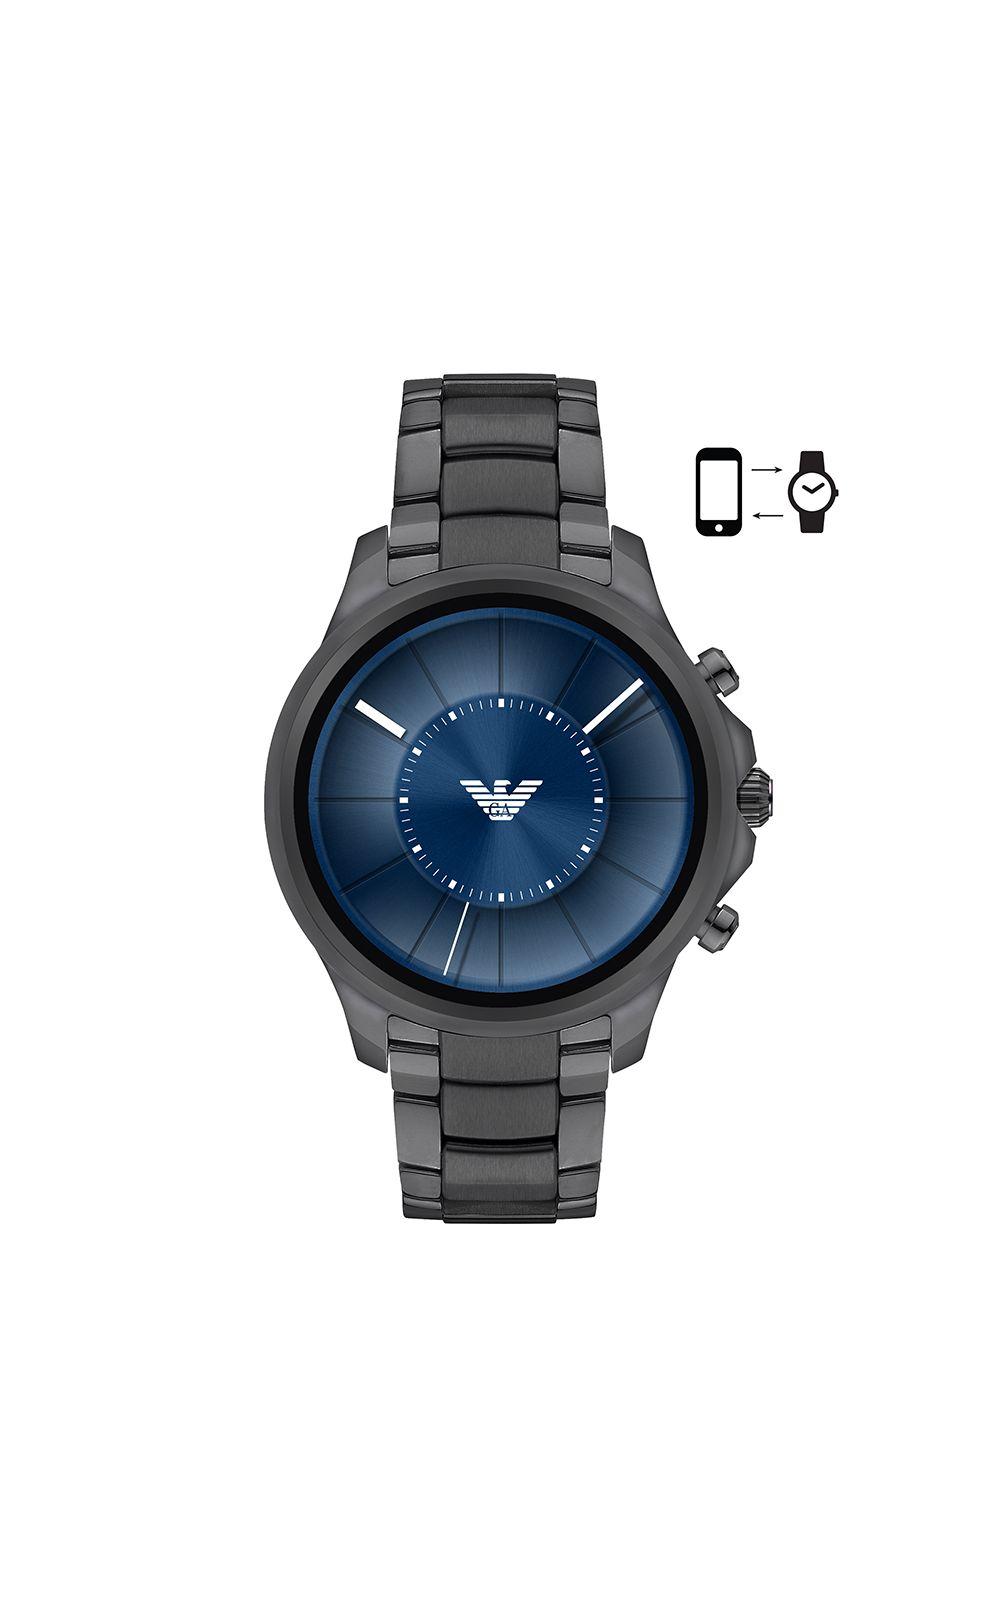 Foto 1 - Smartwatch Emporio Armani Masculino Grafite - ART5005/1FI